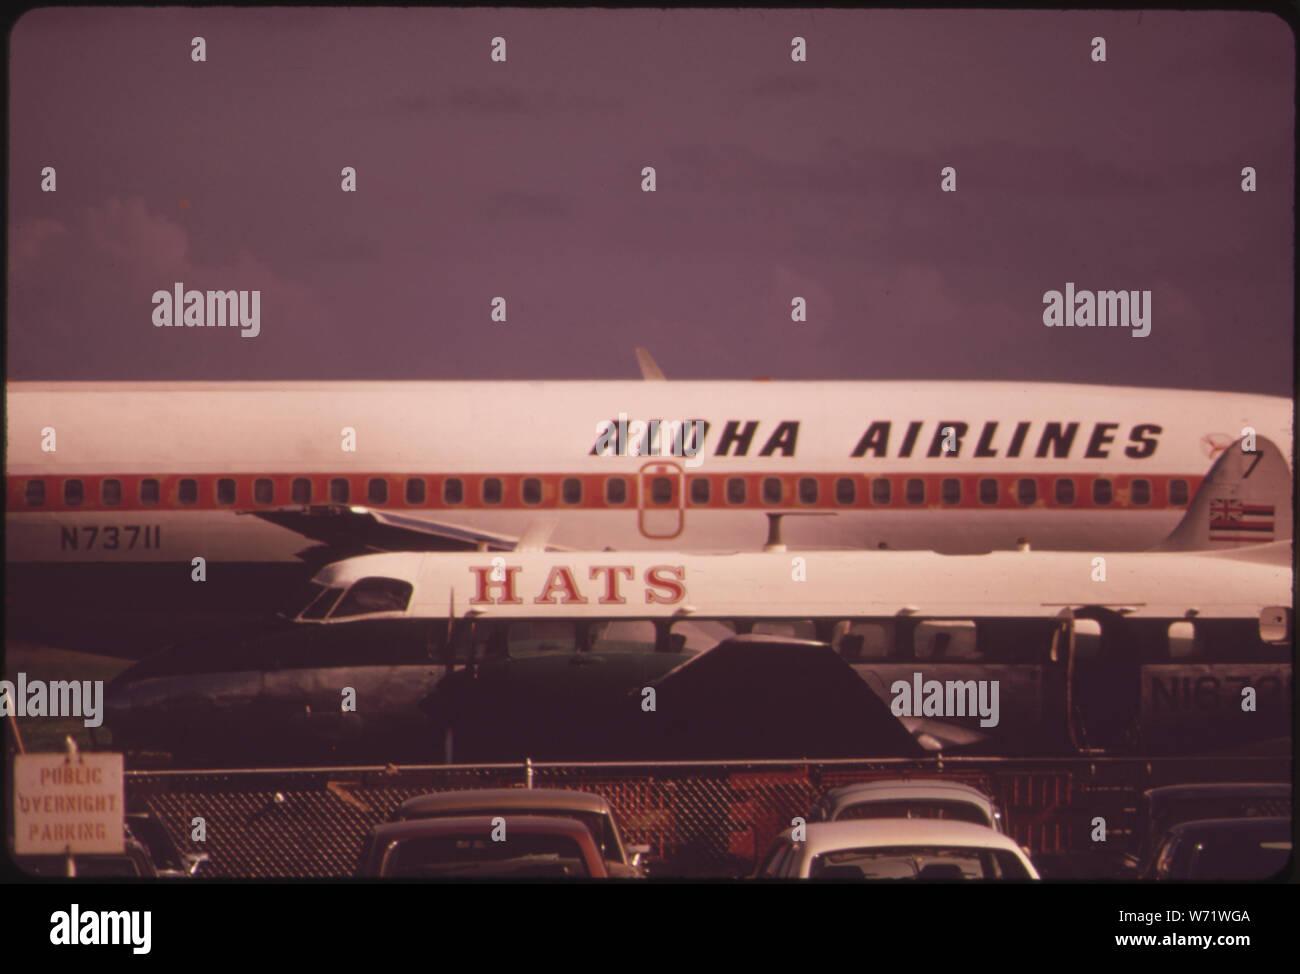 Aloha Airlines dans l'une des deux grandes compagnies aériennes reliant les îles. Pas de route et rapide navire de mer a été élaboré pour les voyages inter-îles. Banque D'Images